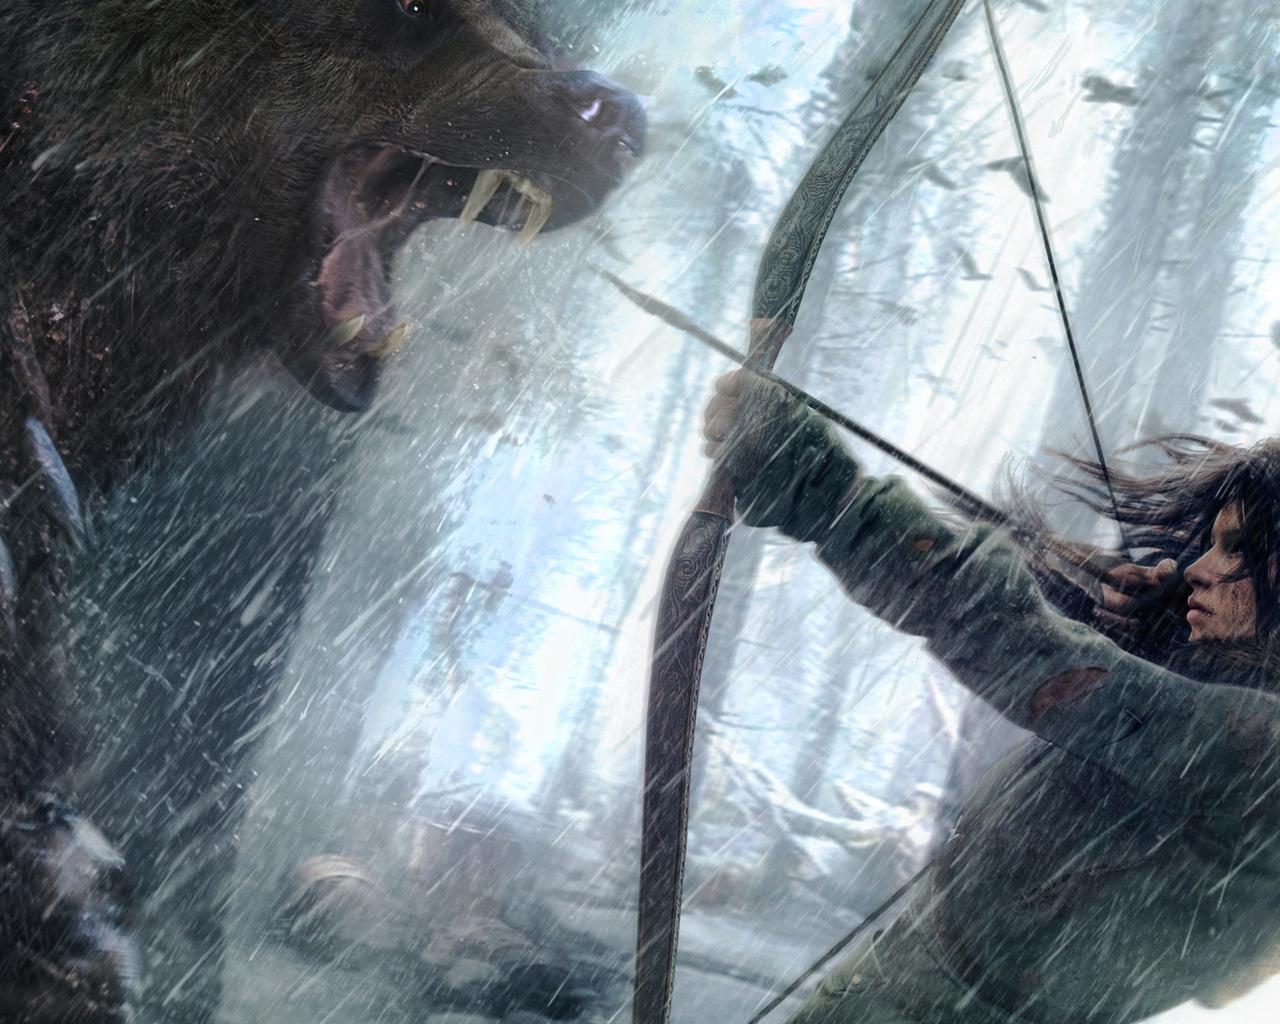 rise of the tomb raider, lara croft, tomb raider, расхитительница гробниц, медведь, лук, прицеливание, опасность, пасть, когти, игра